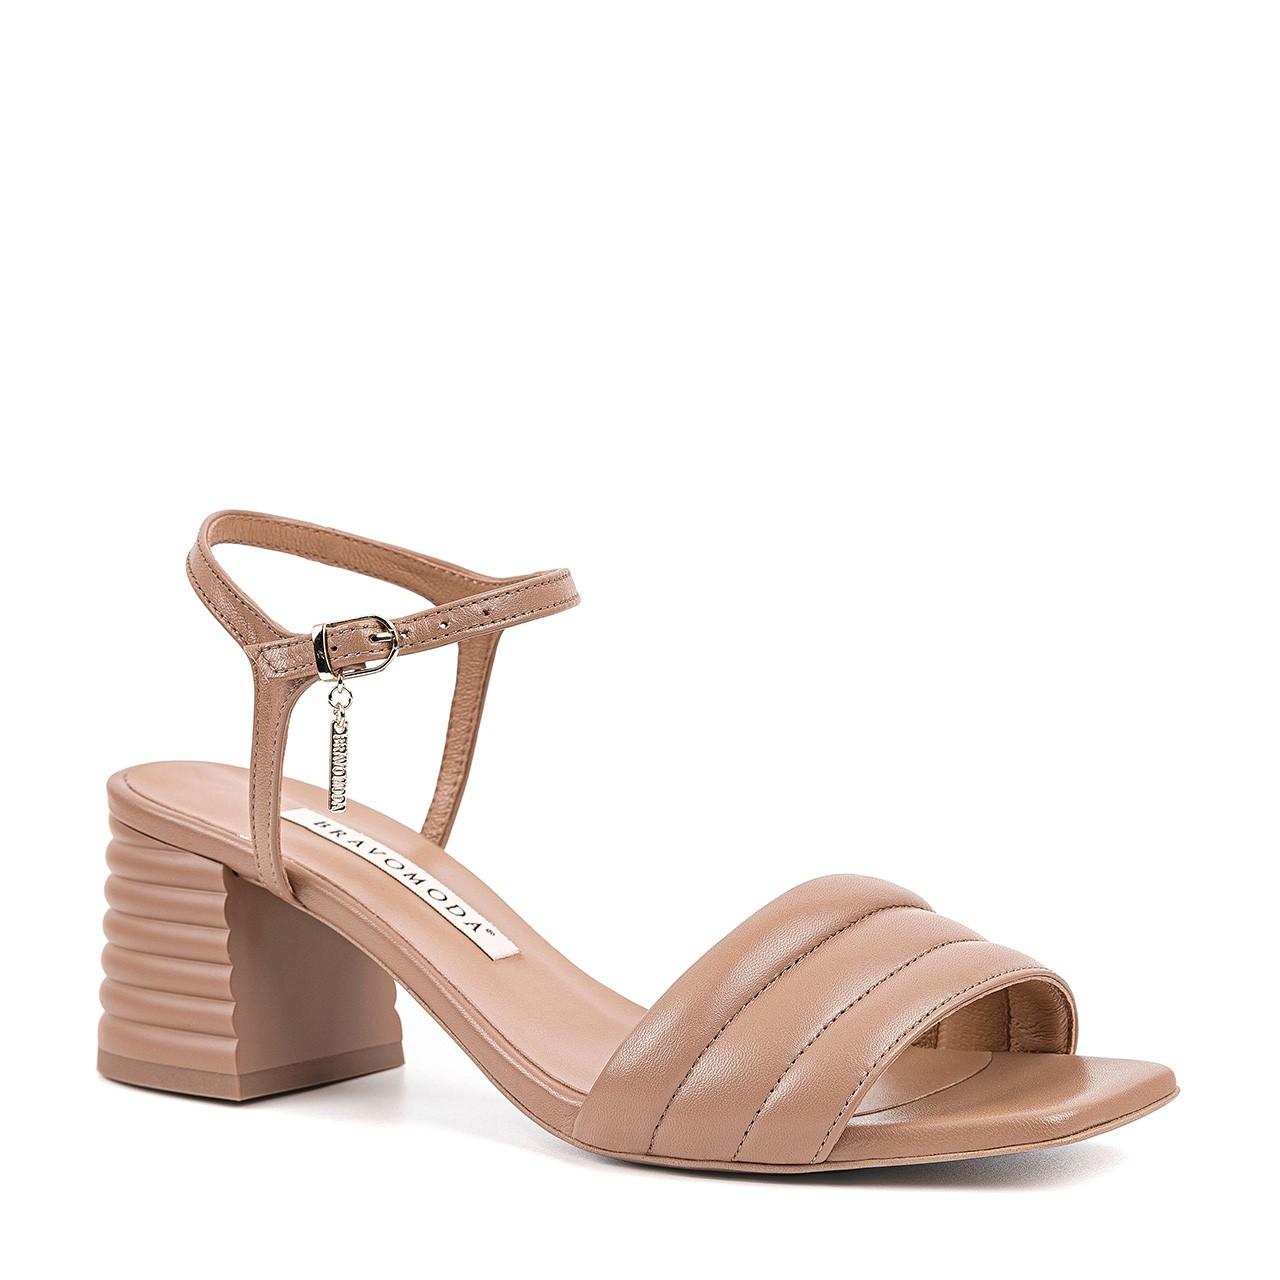 Sandały w kolorze toffi z ciekawym obcasem